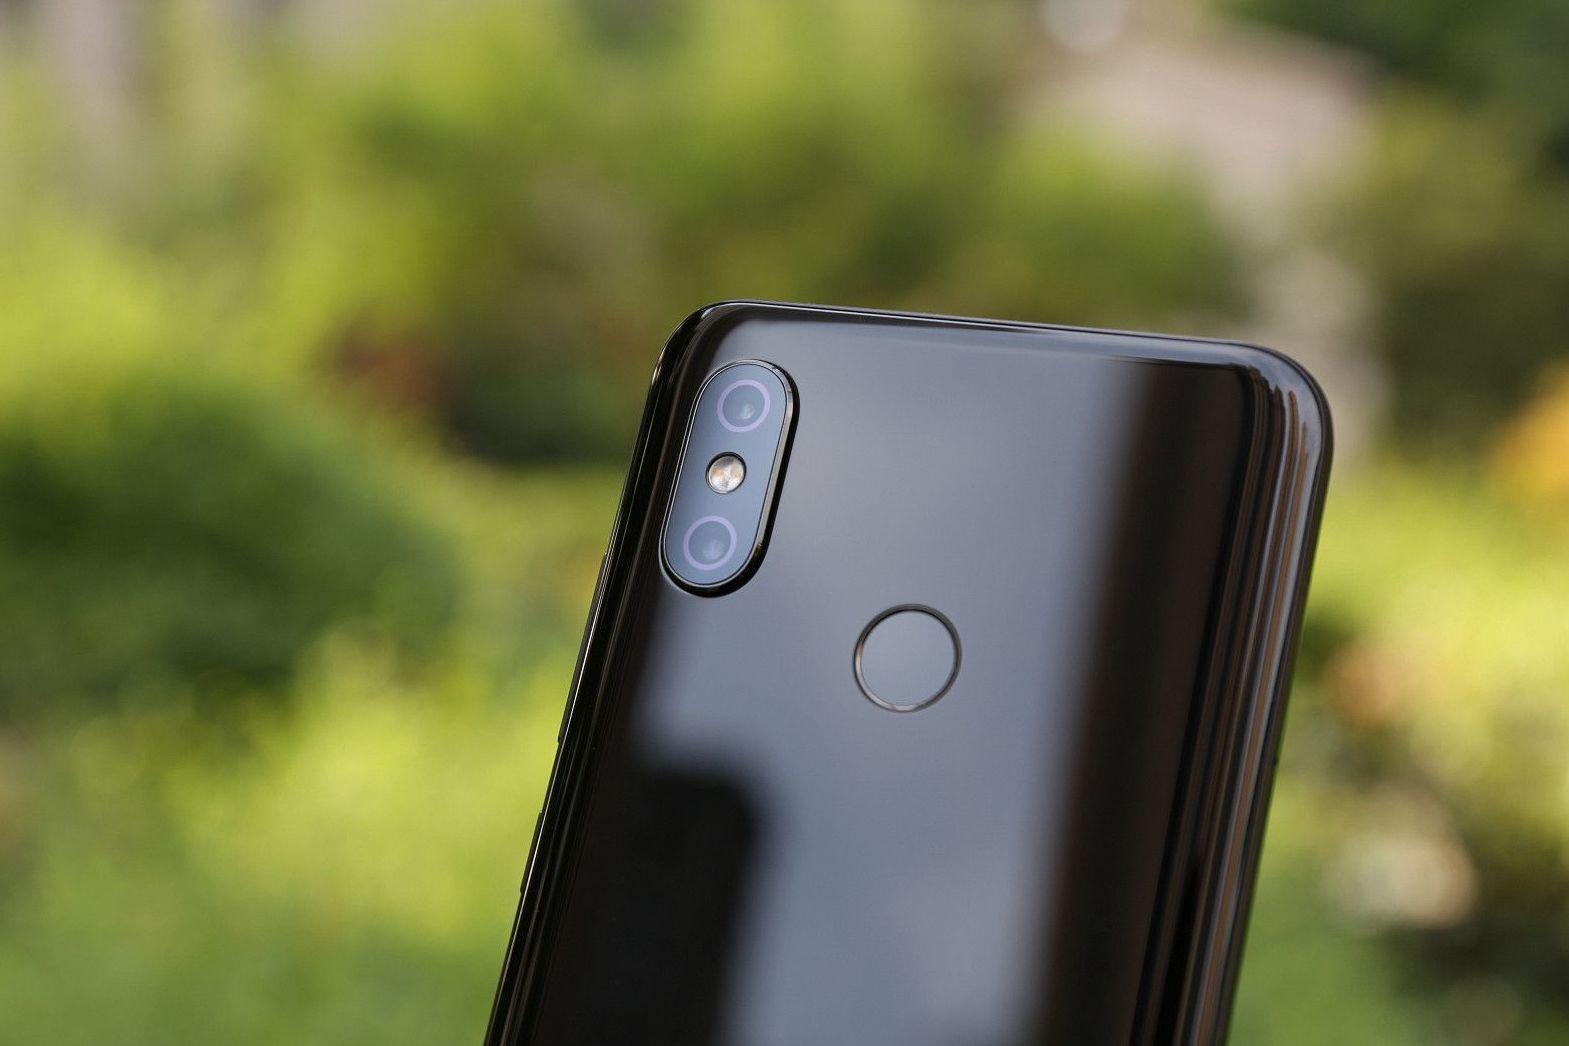 2018安卓手机性能榜出炉,位居第一的竟是它